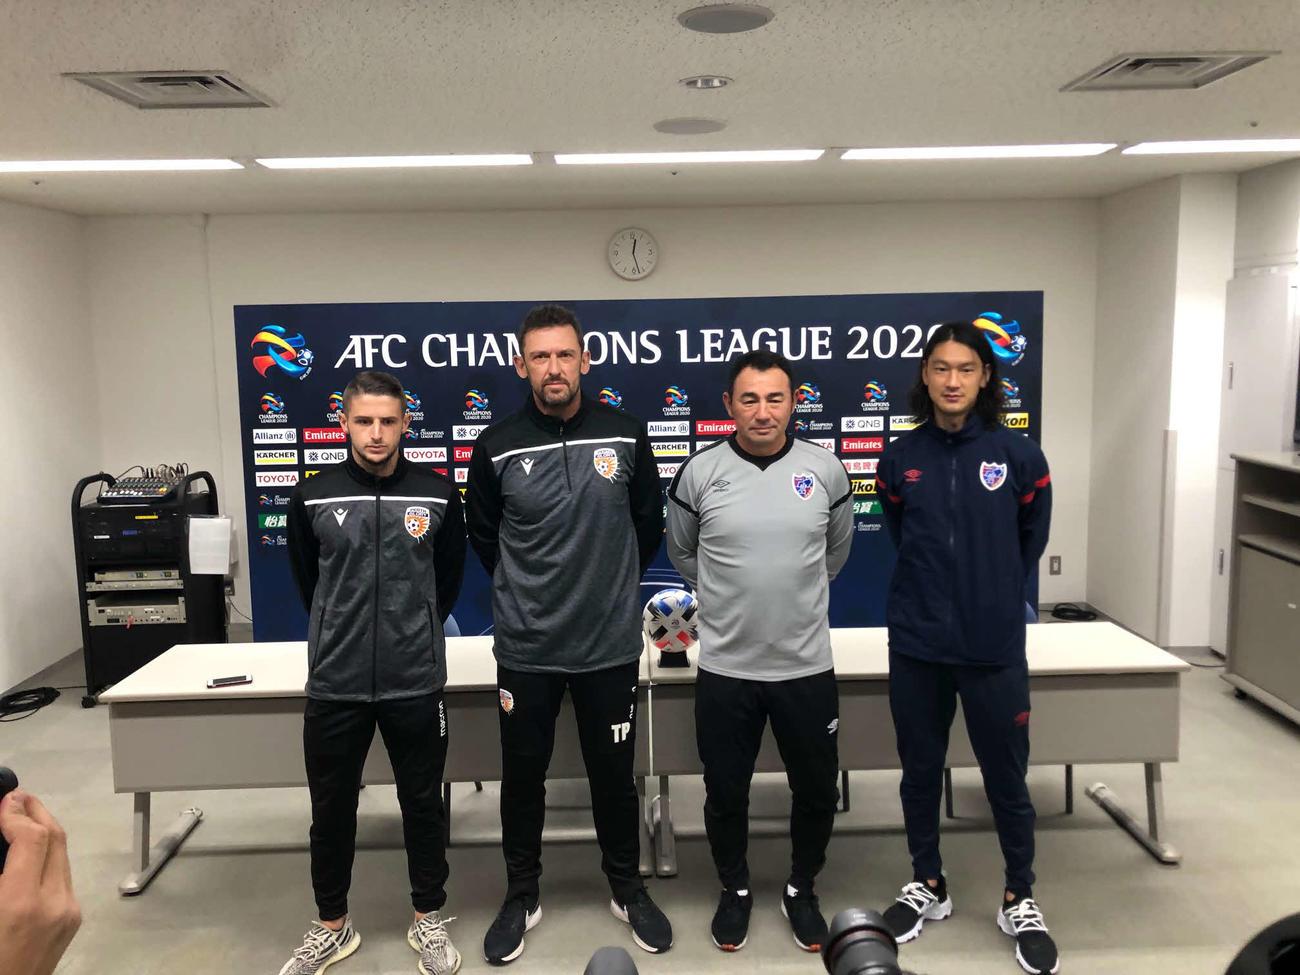 試合前日の会見に出席した(右から)東京のMF高萩、長谷川監督、パースのポポビッチ監督、MFブリマー